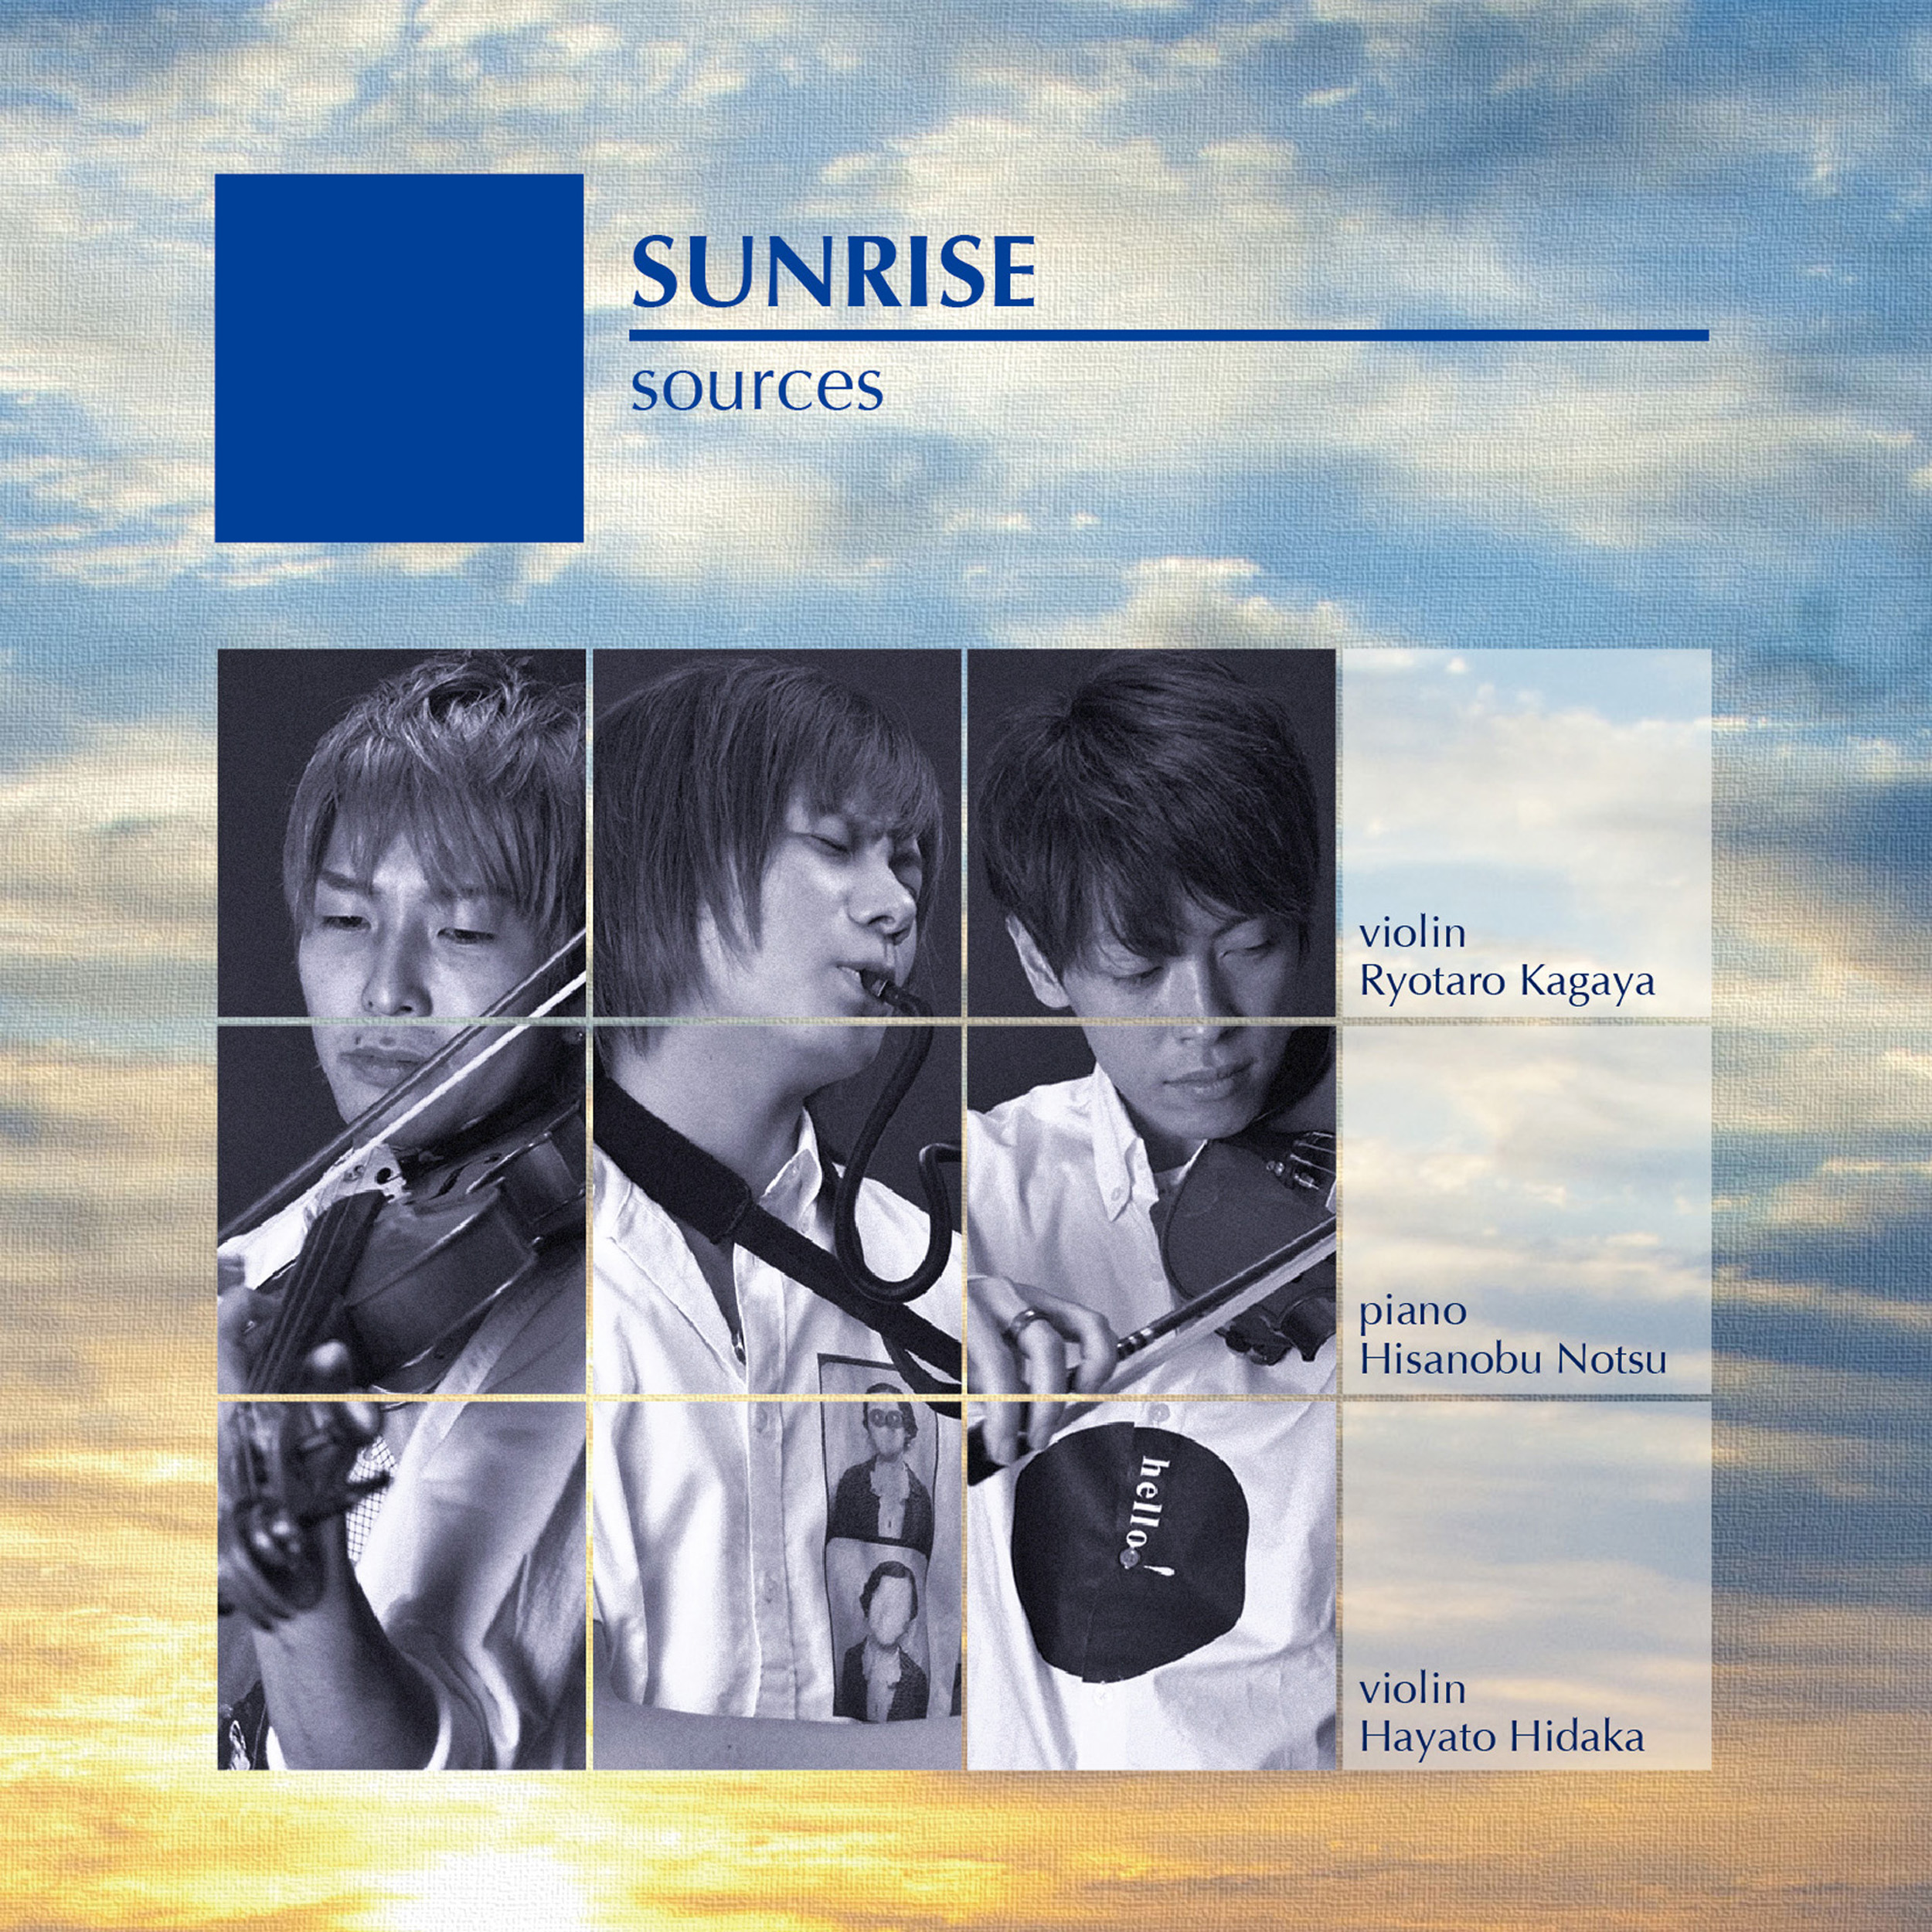 「SUNRISE」画像